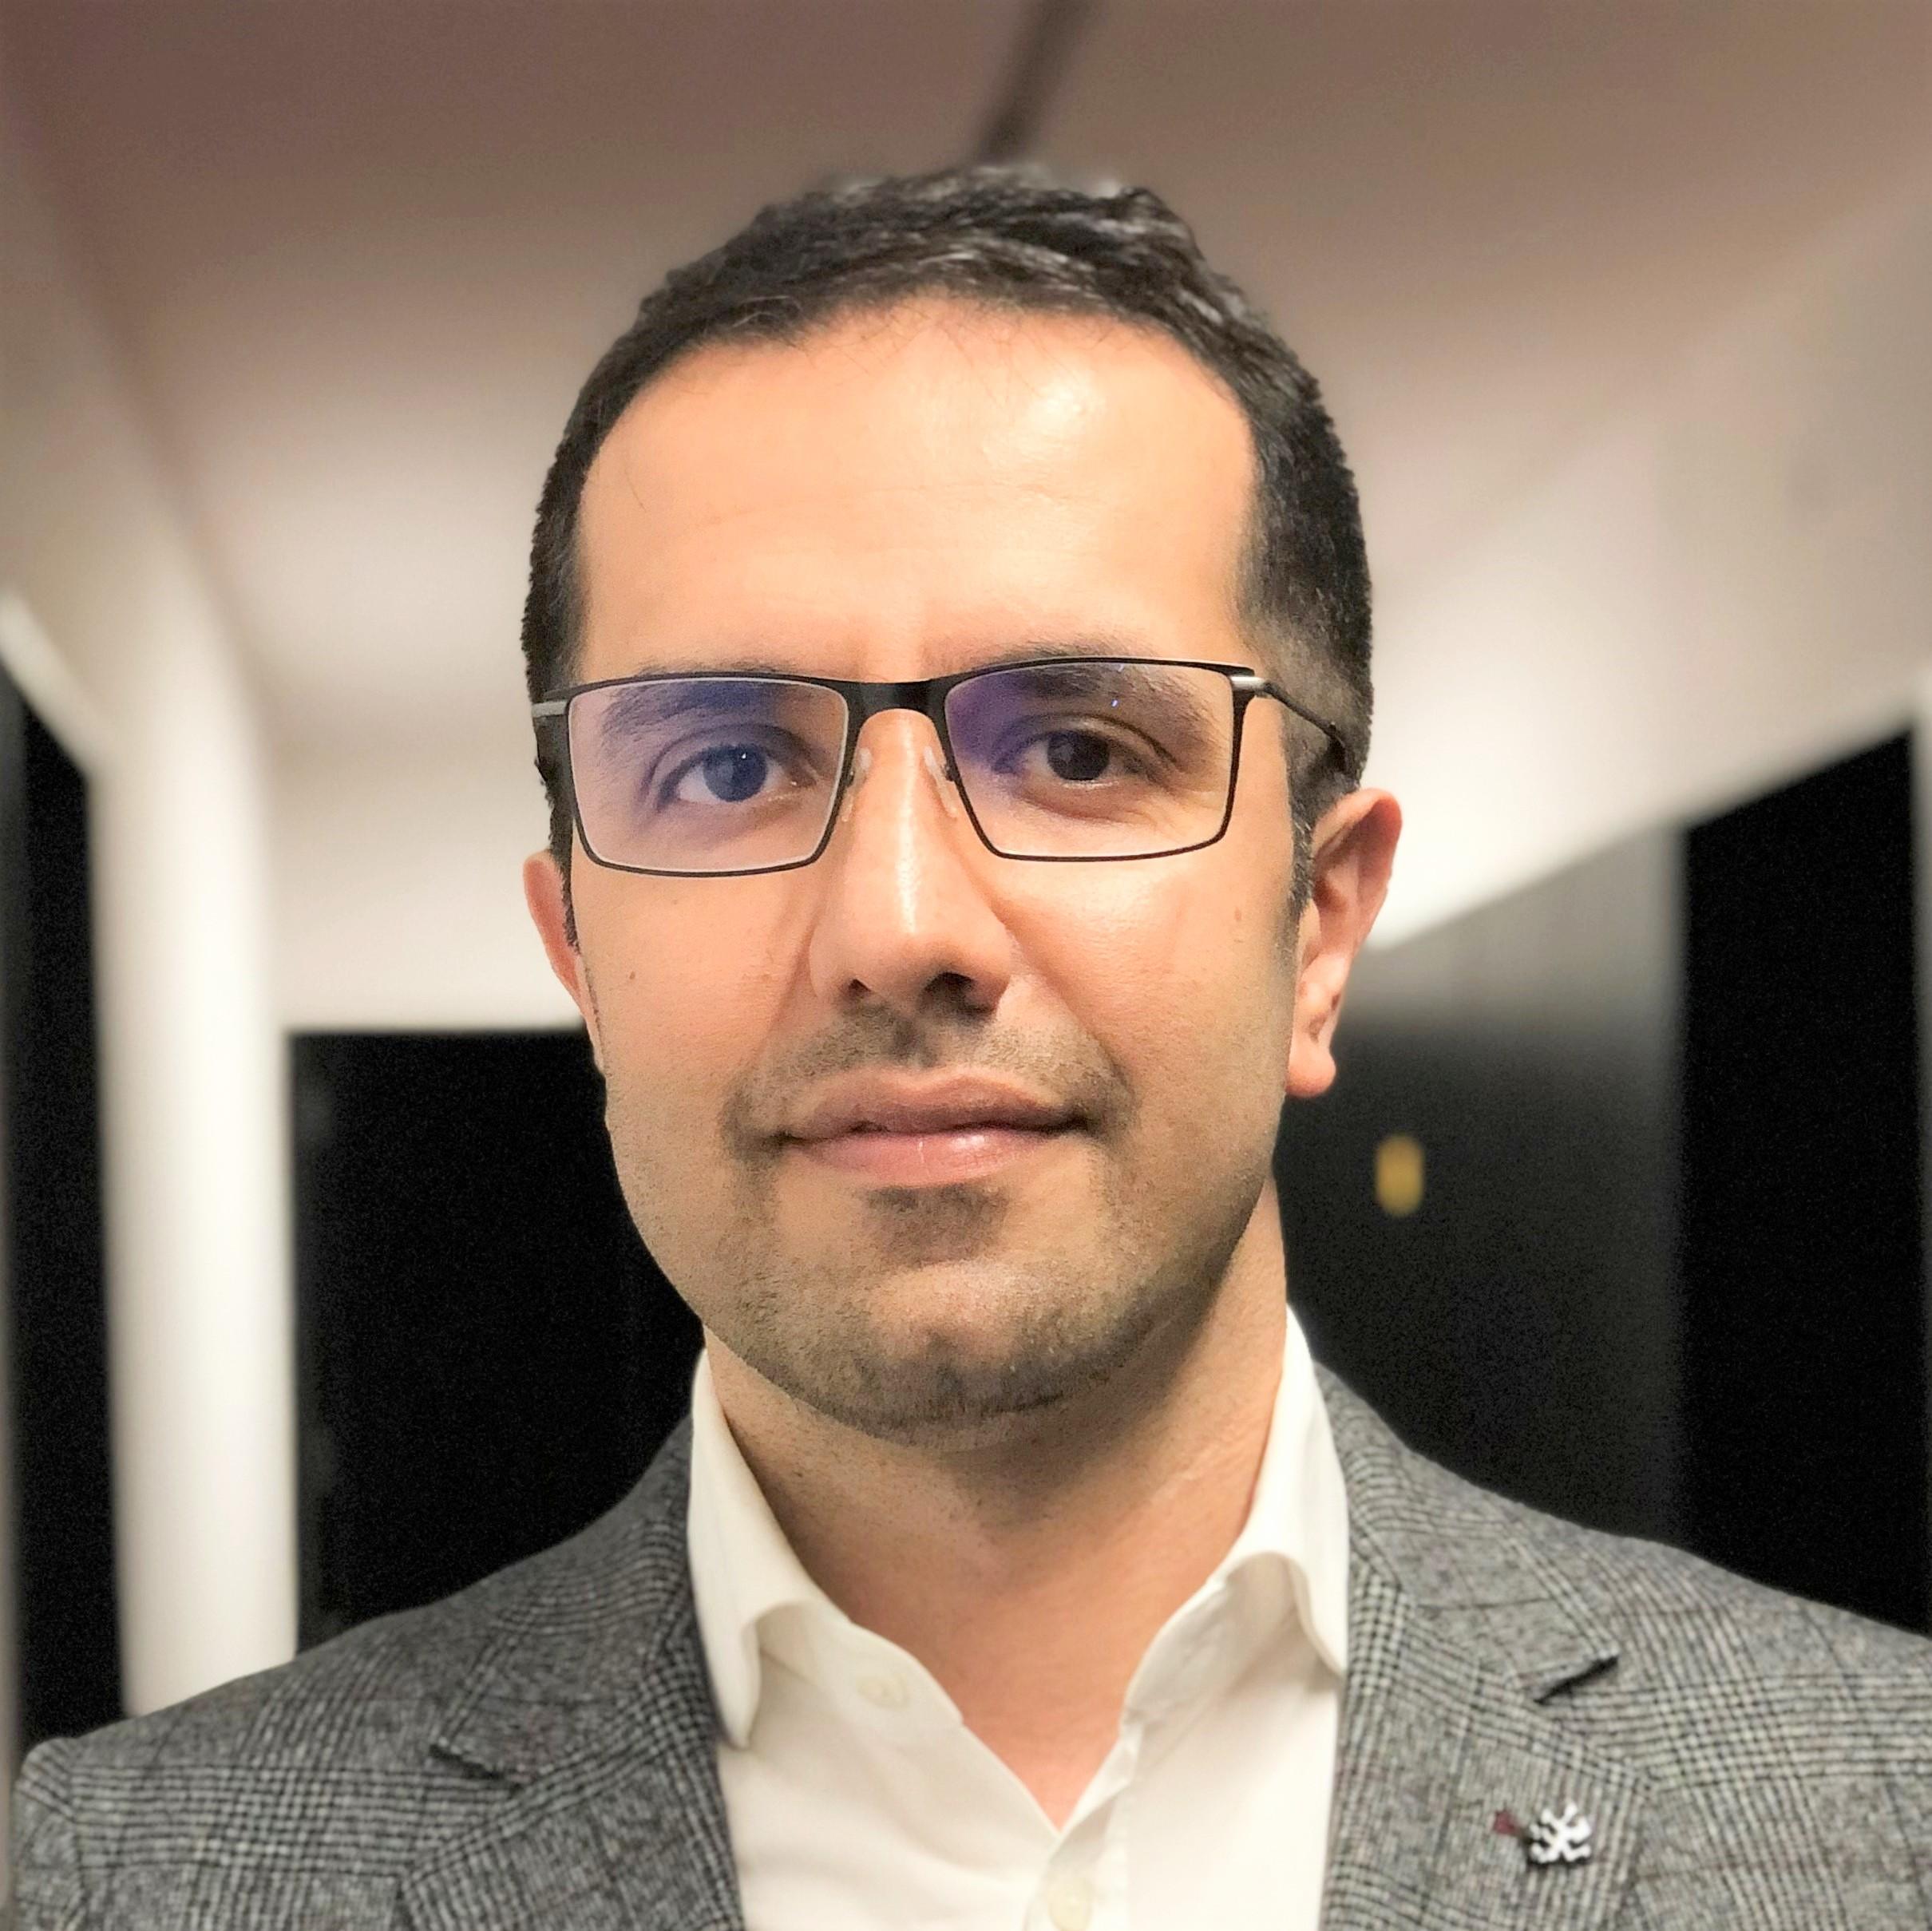 Mohammadali Rezazadeh